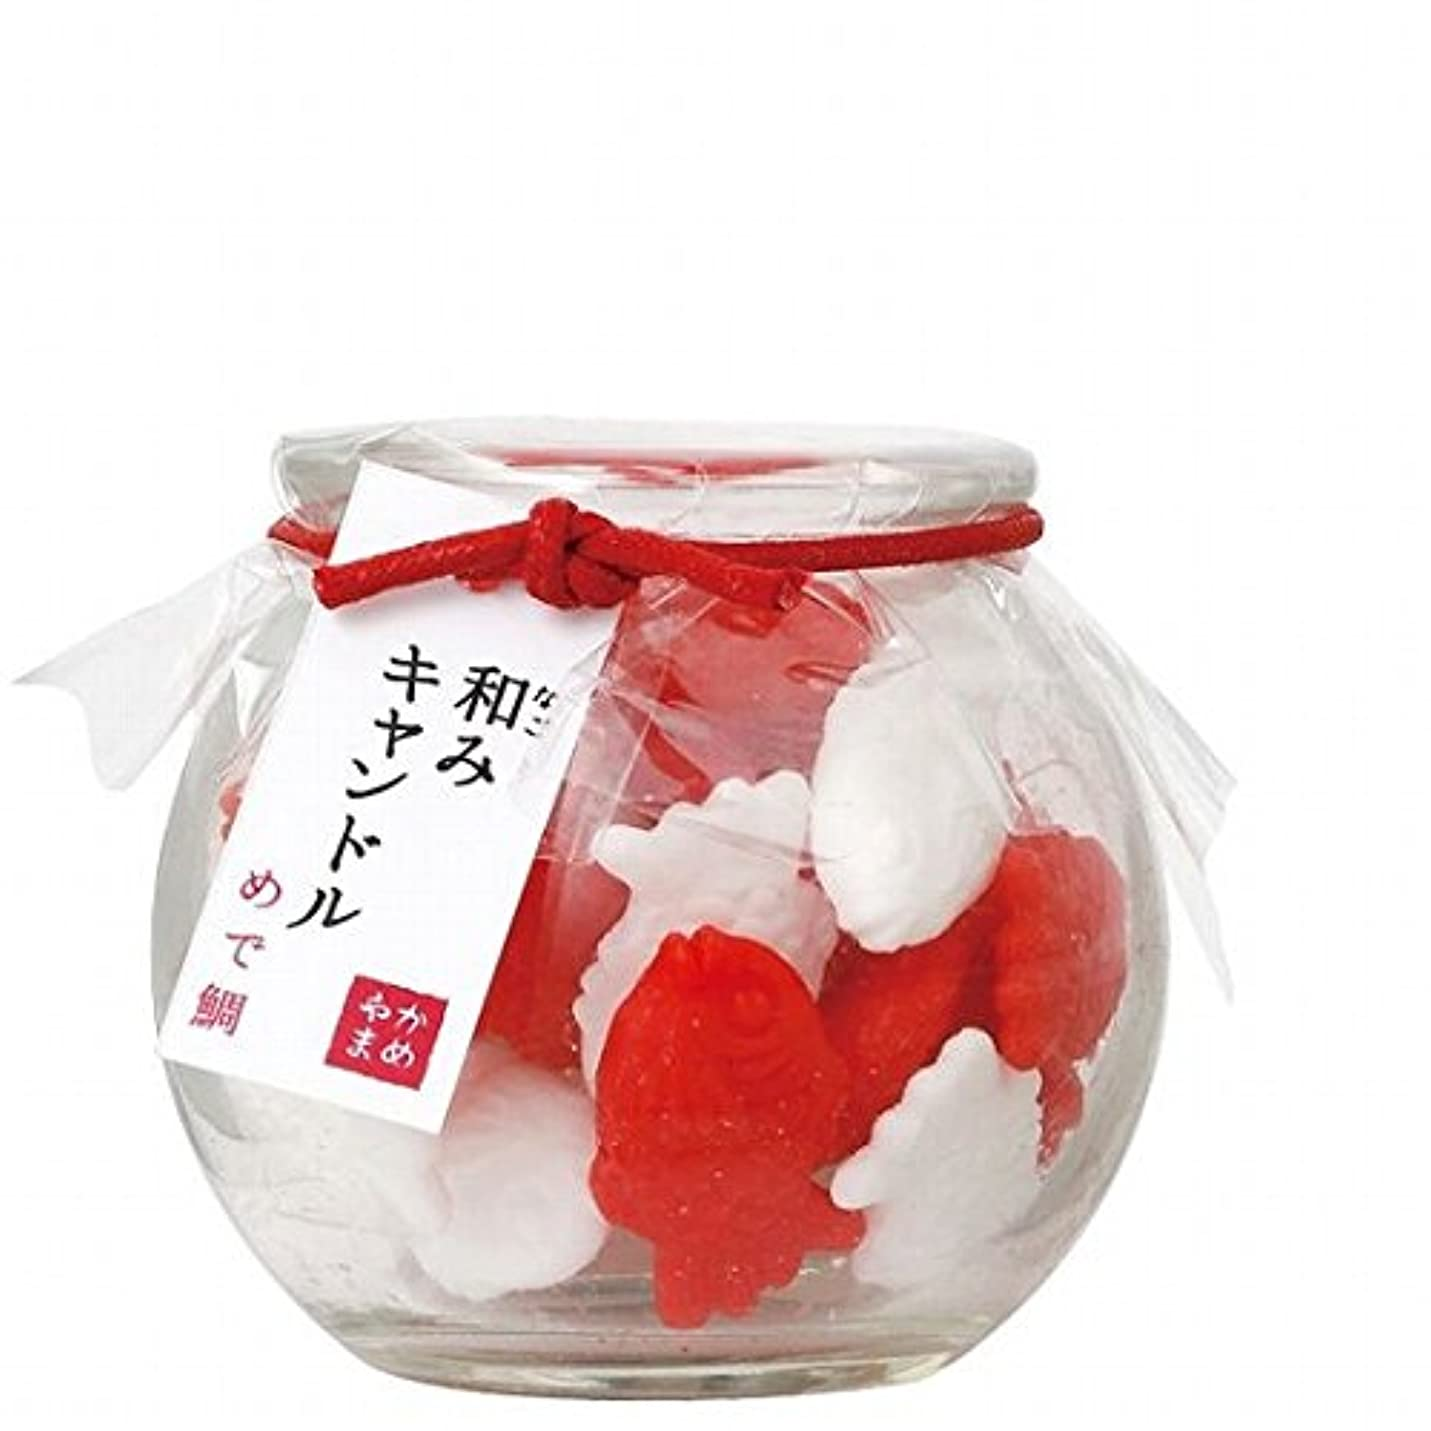 ジョージスティーブンソンベスビオ山あなたのものカメヤマキャンドル(kameyama candle) 和みキャンドル 「めで鯛」